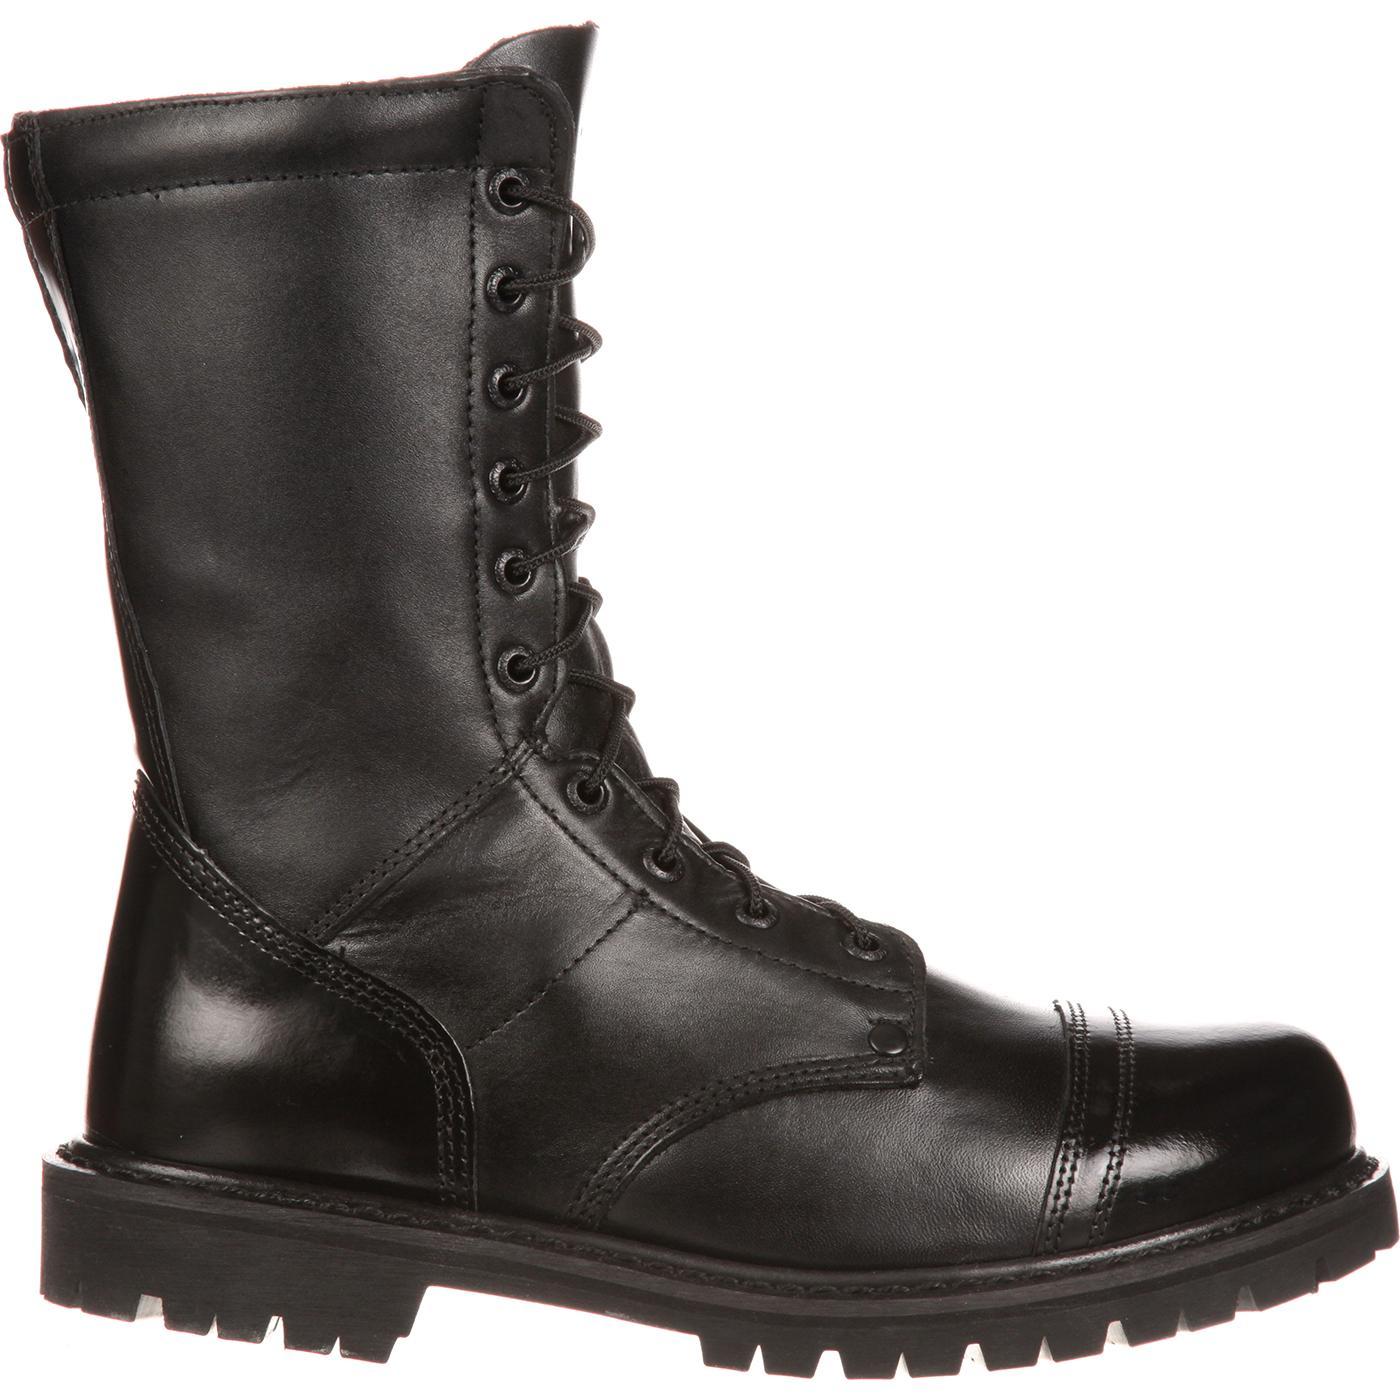 Rocky Duty Boots Men S Side Zipper Jump Boots